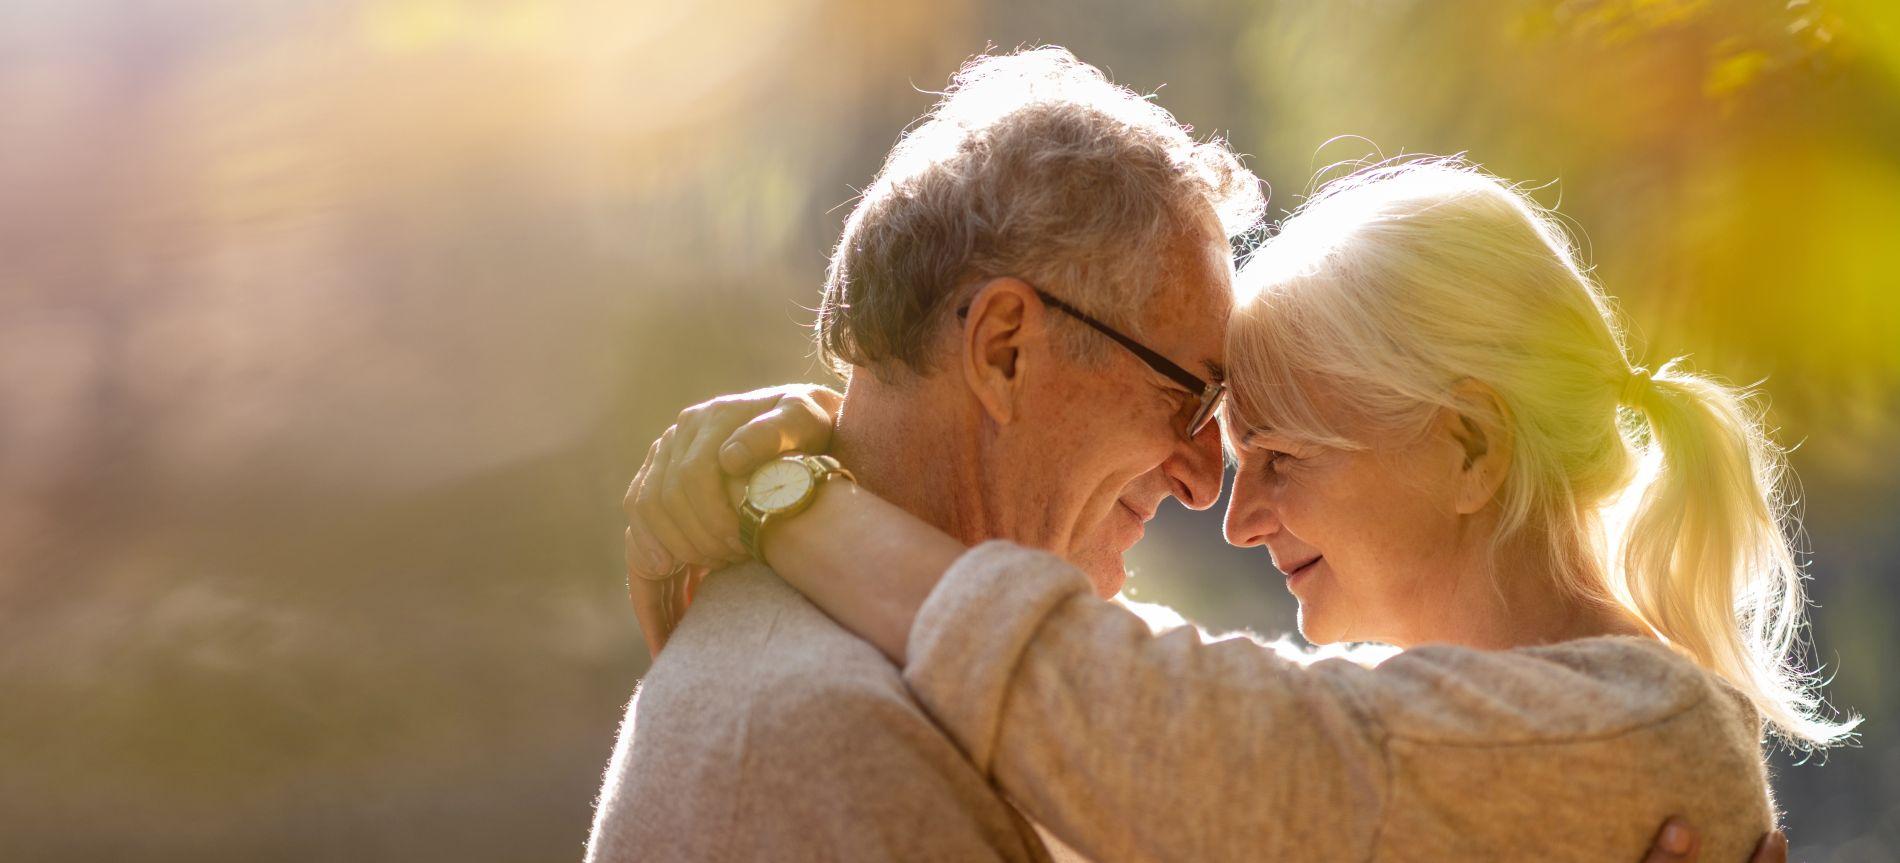 Займ без истории срочно пенсионерам